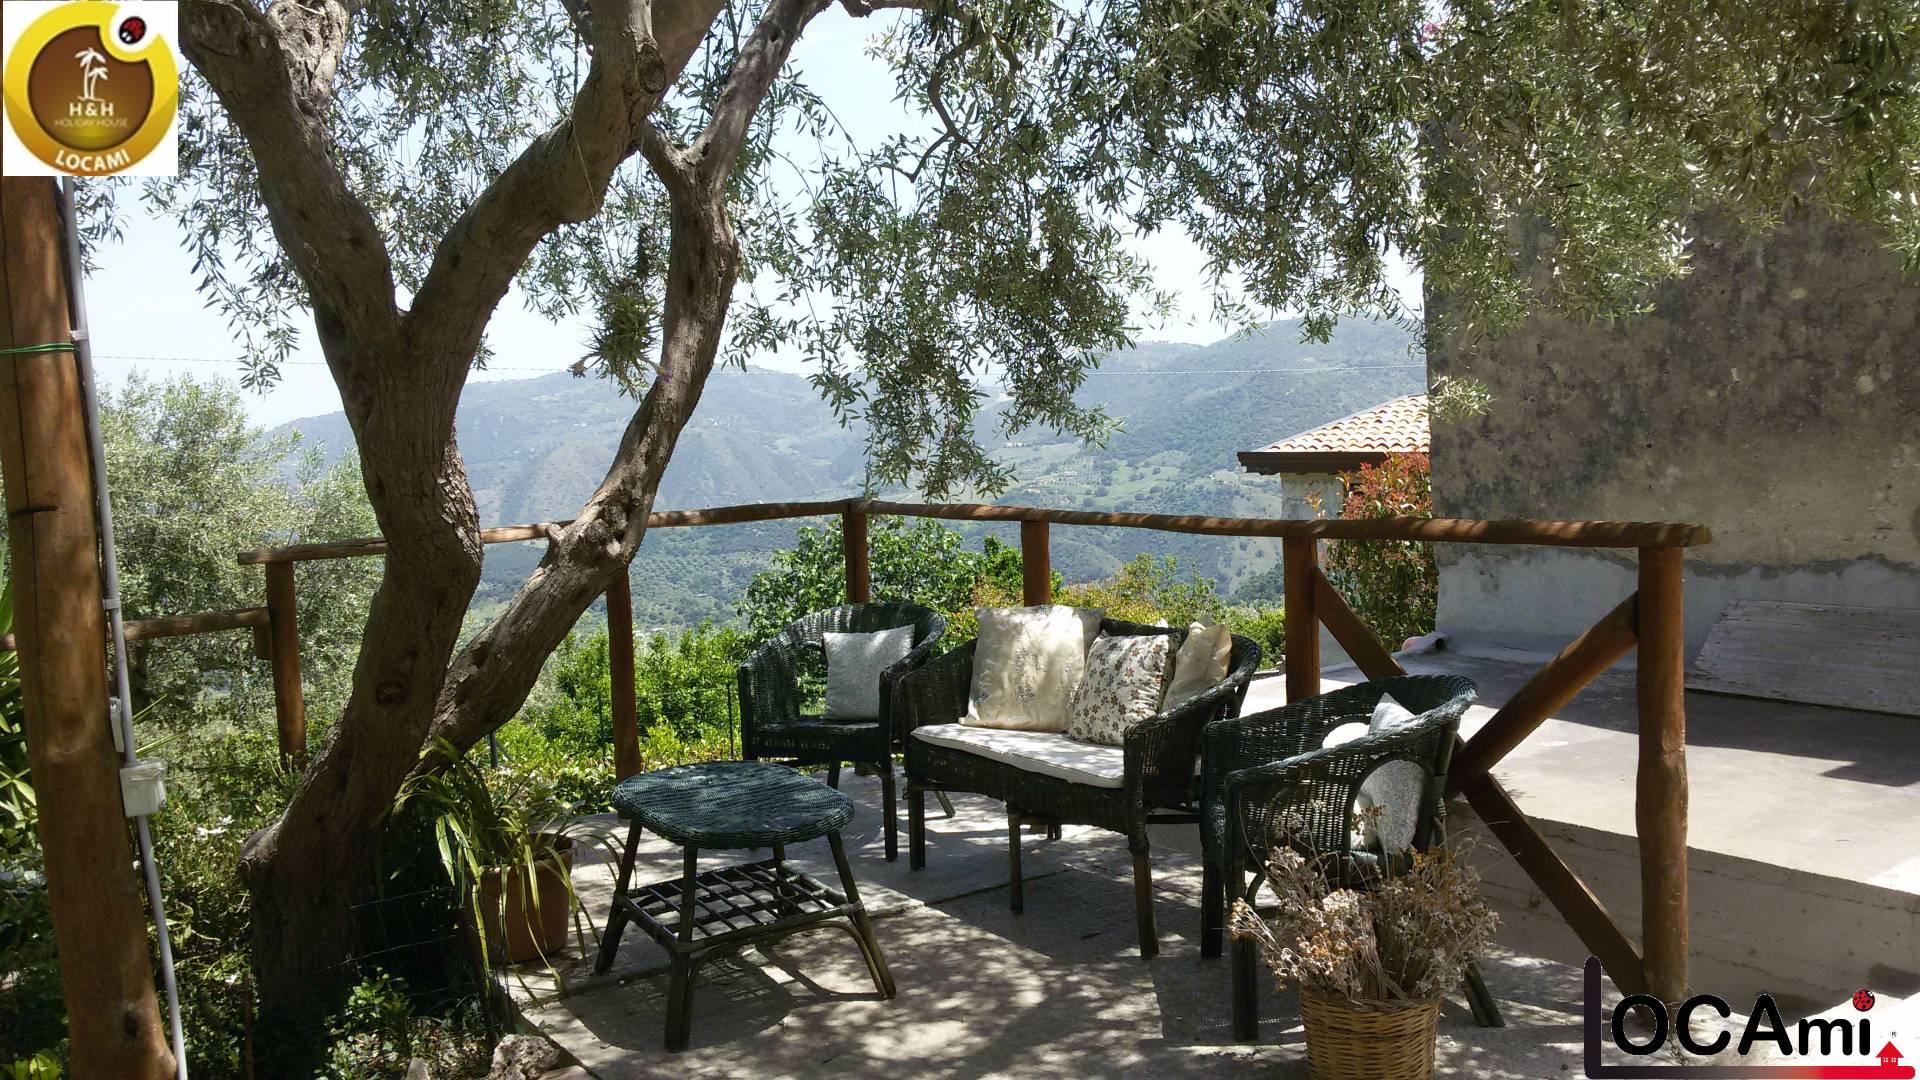 Immobile Turistico in affitto a Patti, 3 locali, zona Zona: Gallo, prezzo € 300 | Cambio Casa.it